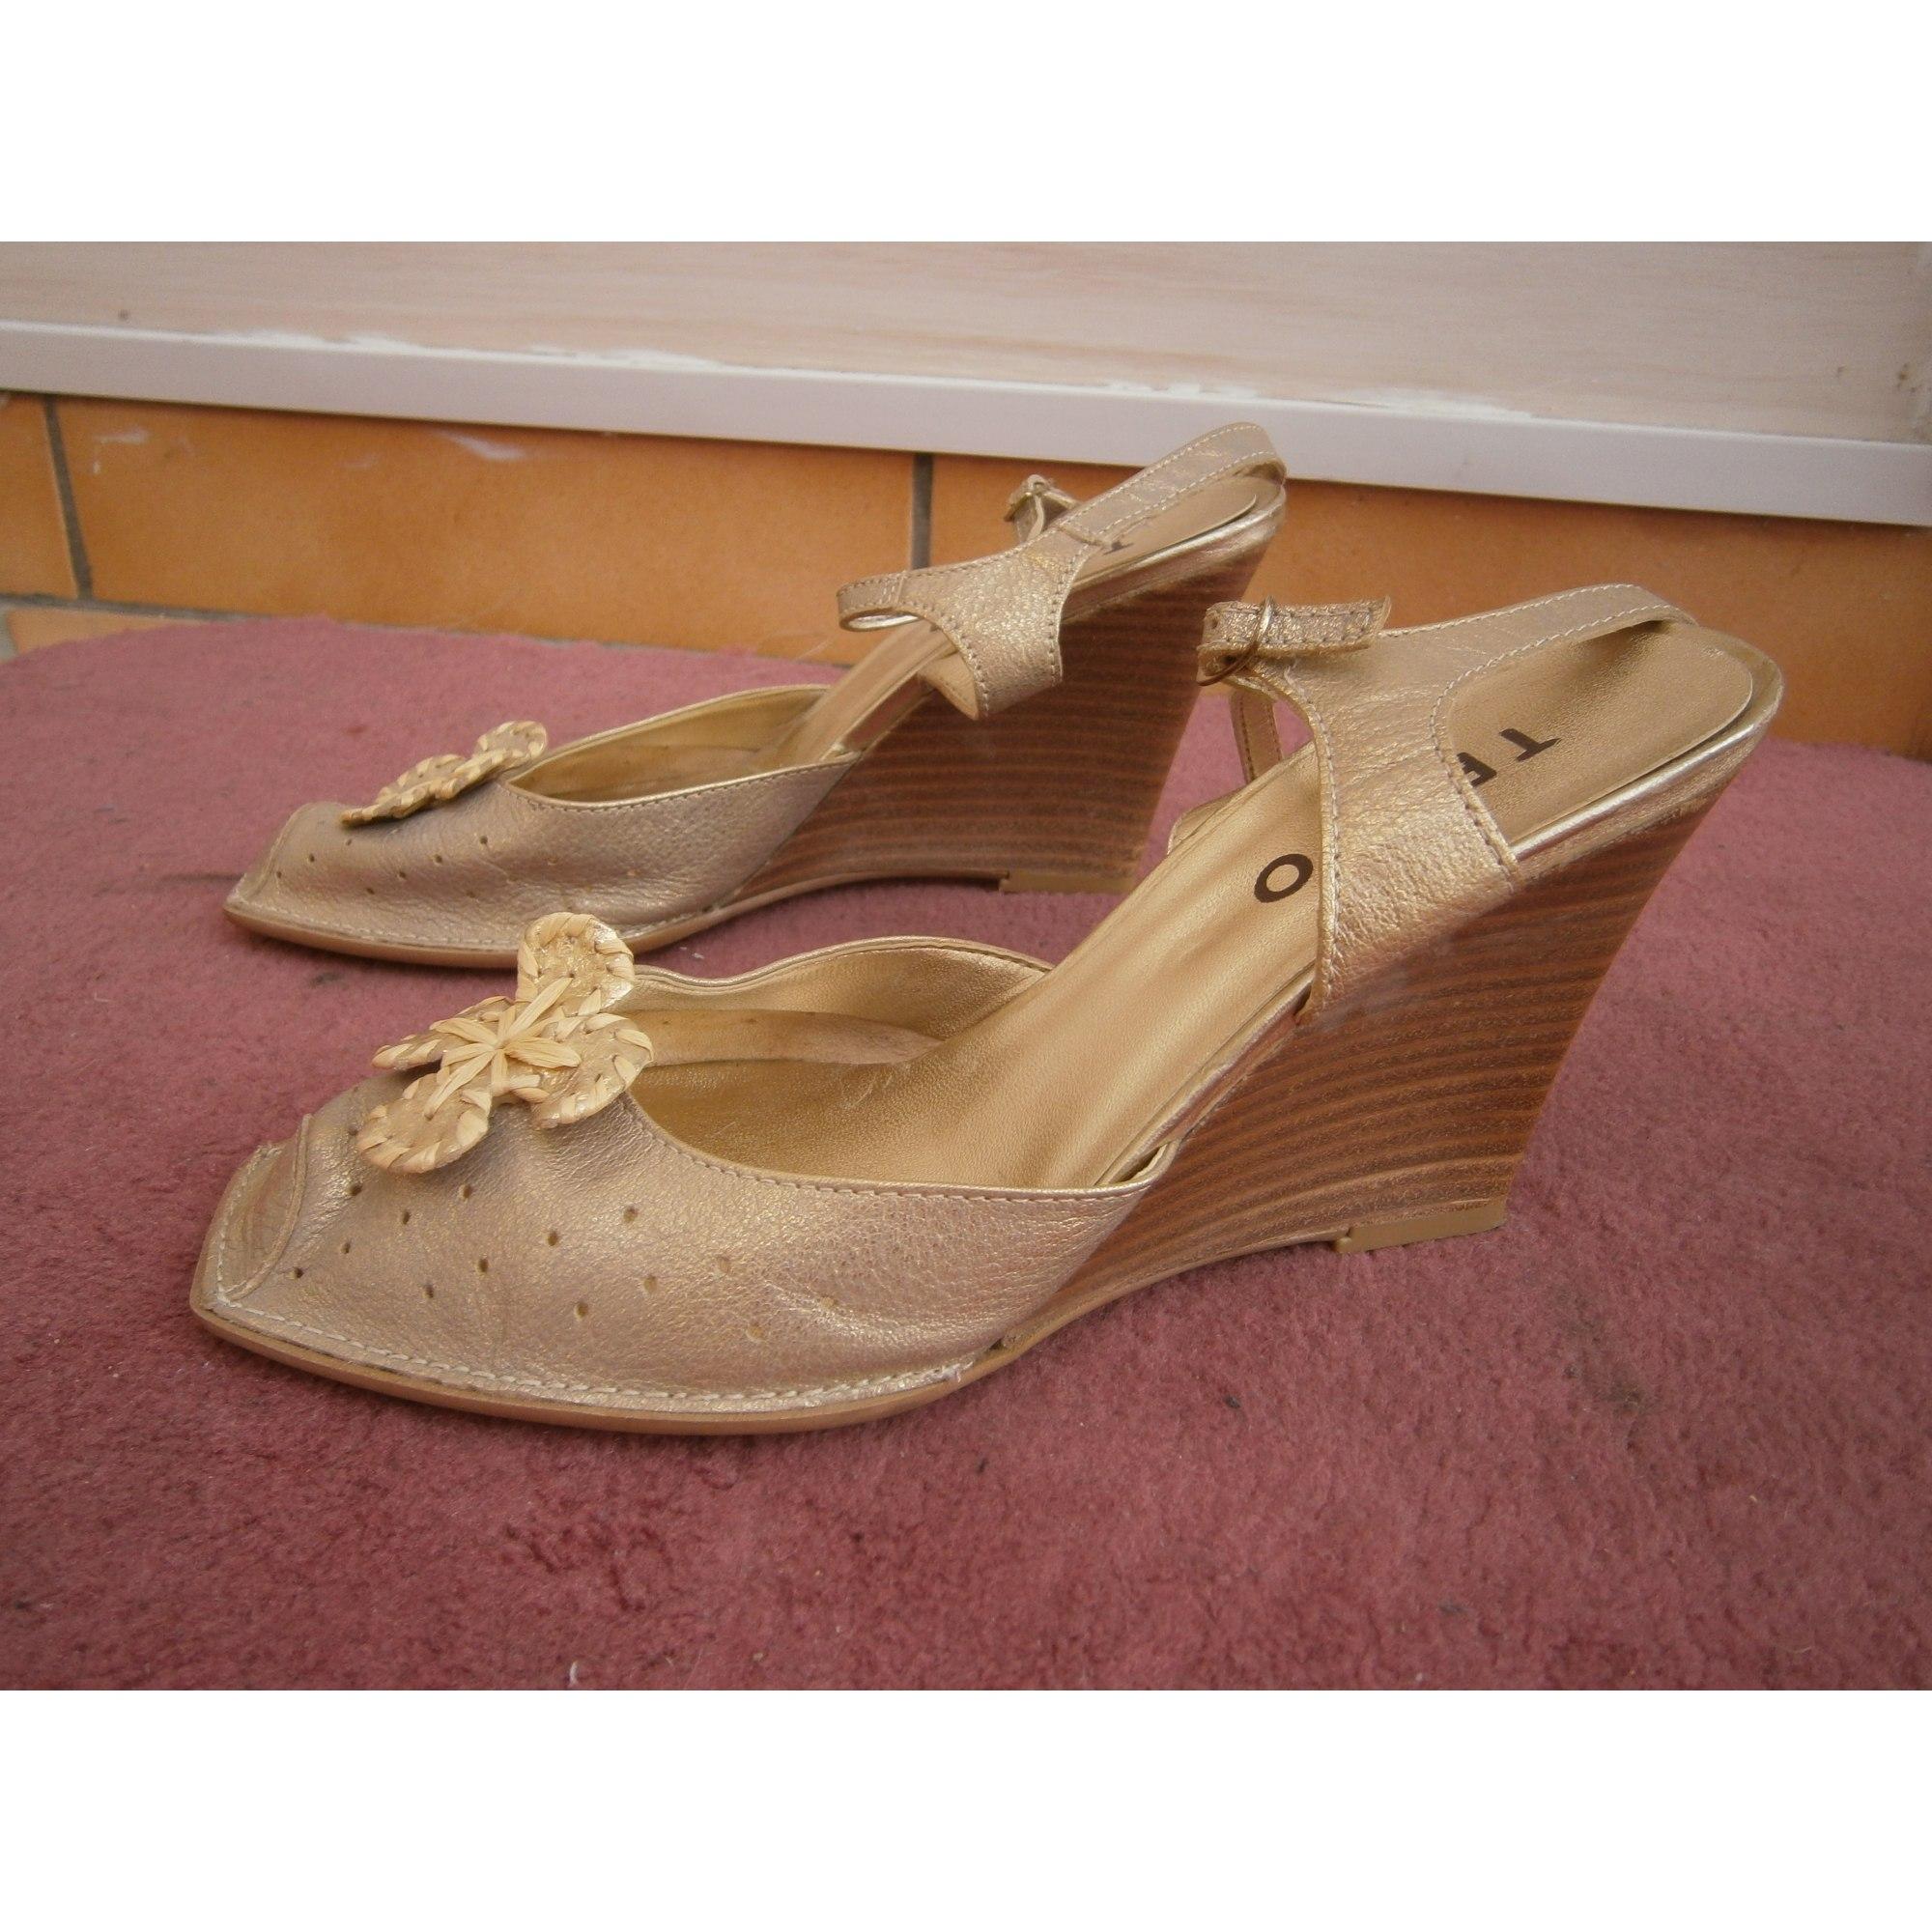 De Danse 38 5921440 Jaune Texto Chaussures K0nopw OuZiXPk